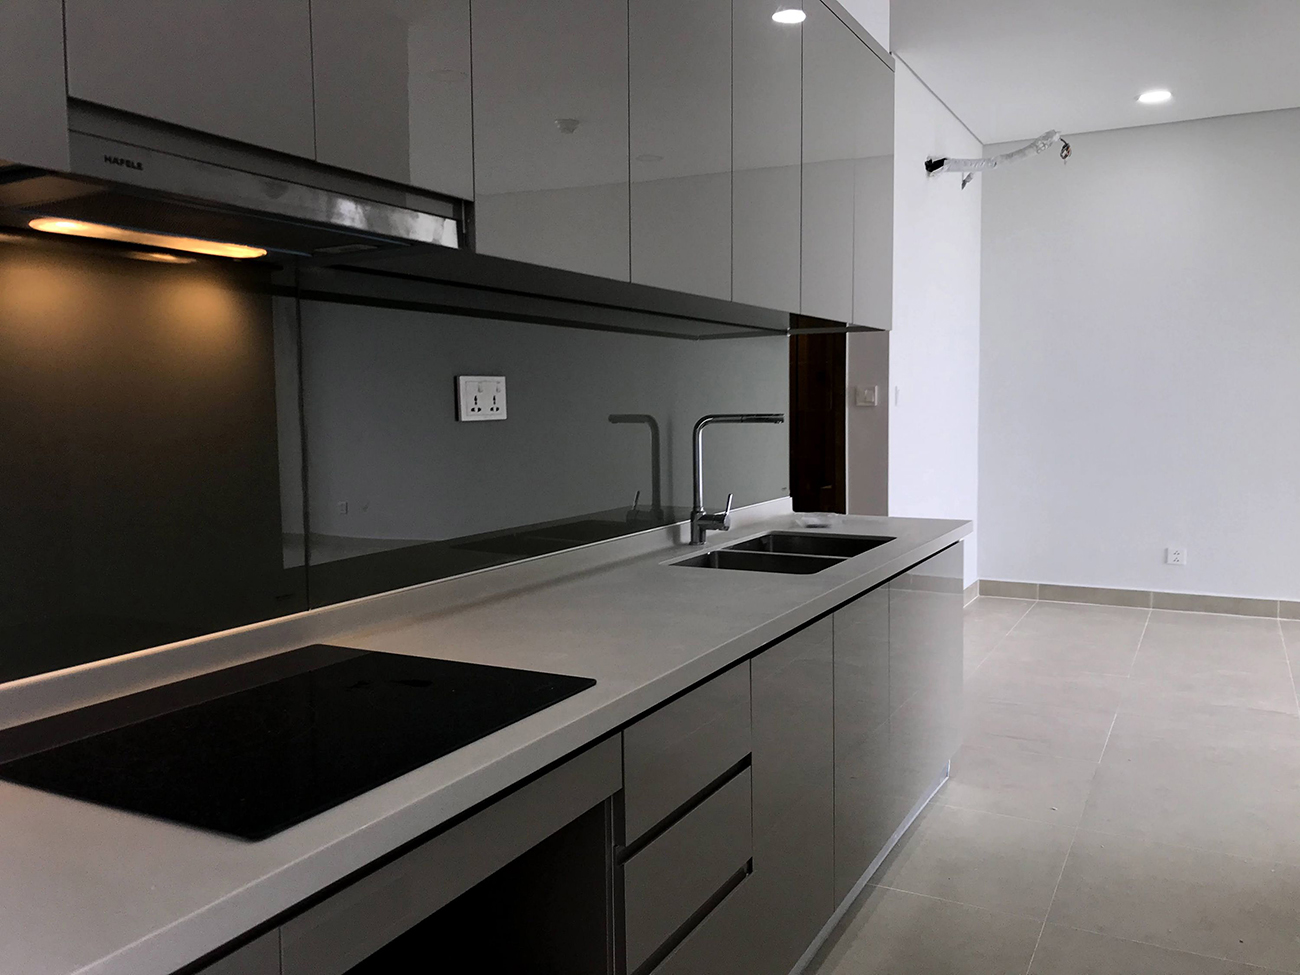 Tiến độ xây dựng dự án căn hộ Sky89 Quận 7 tháng 06.2021